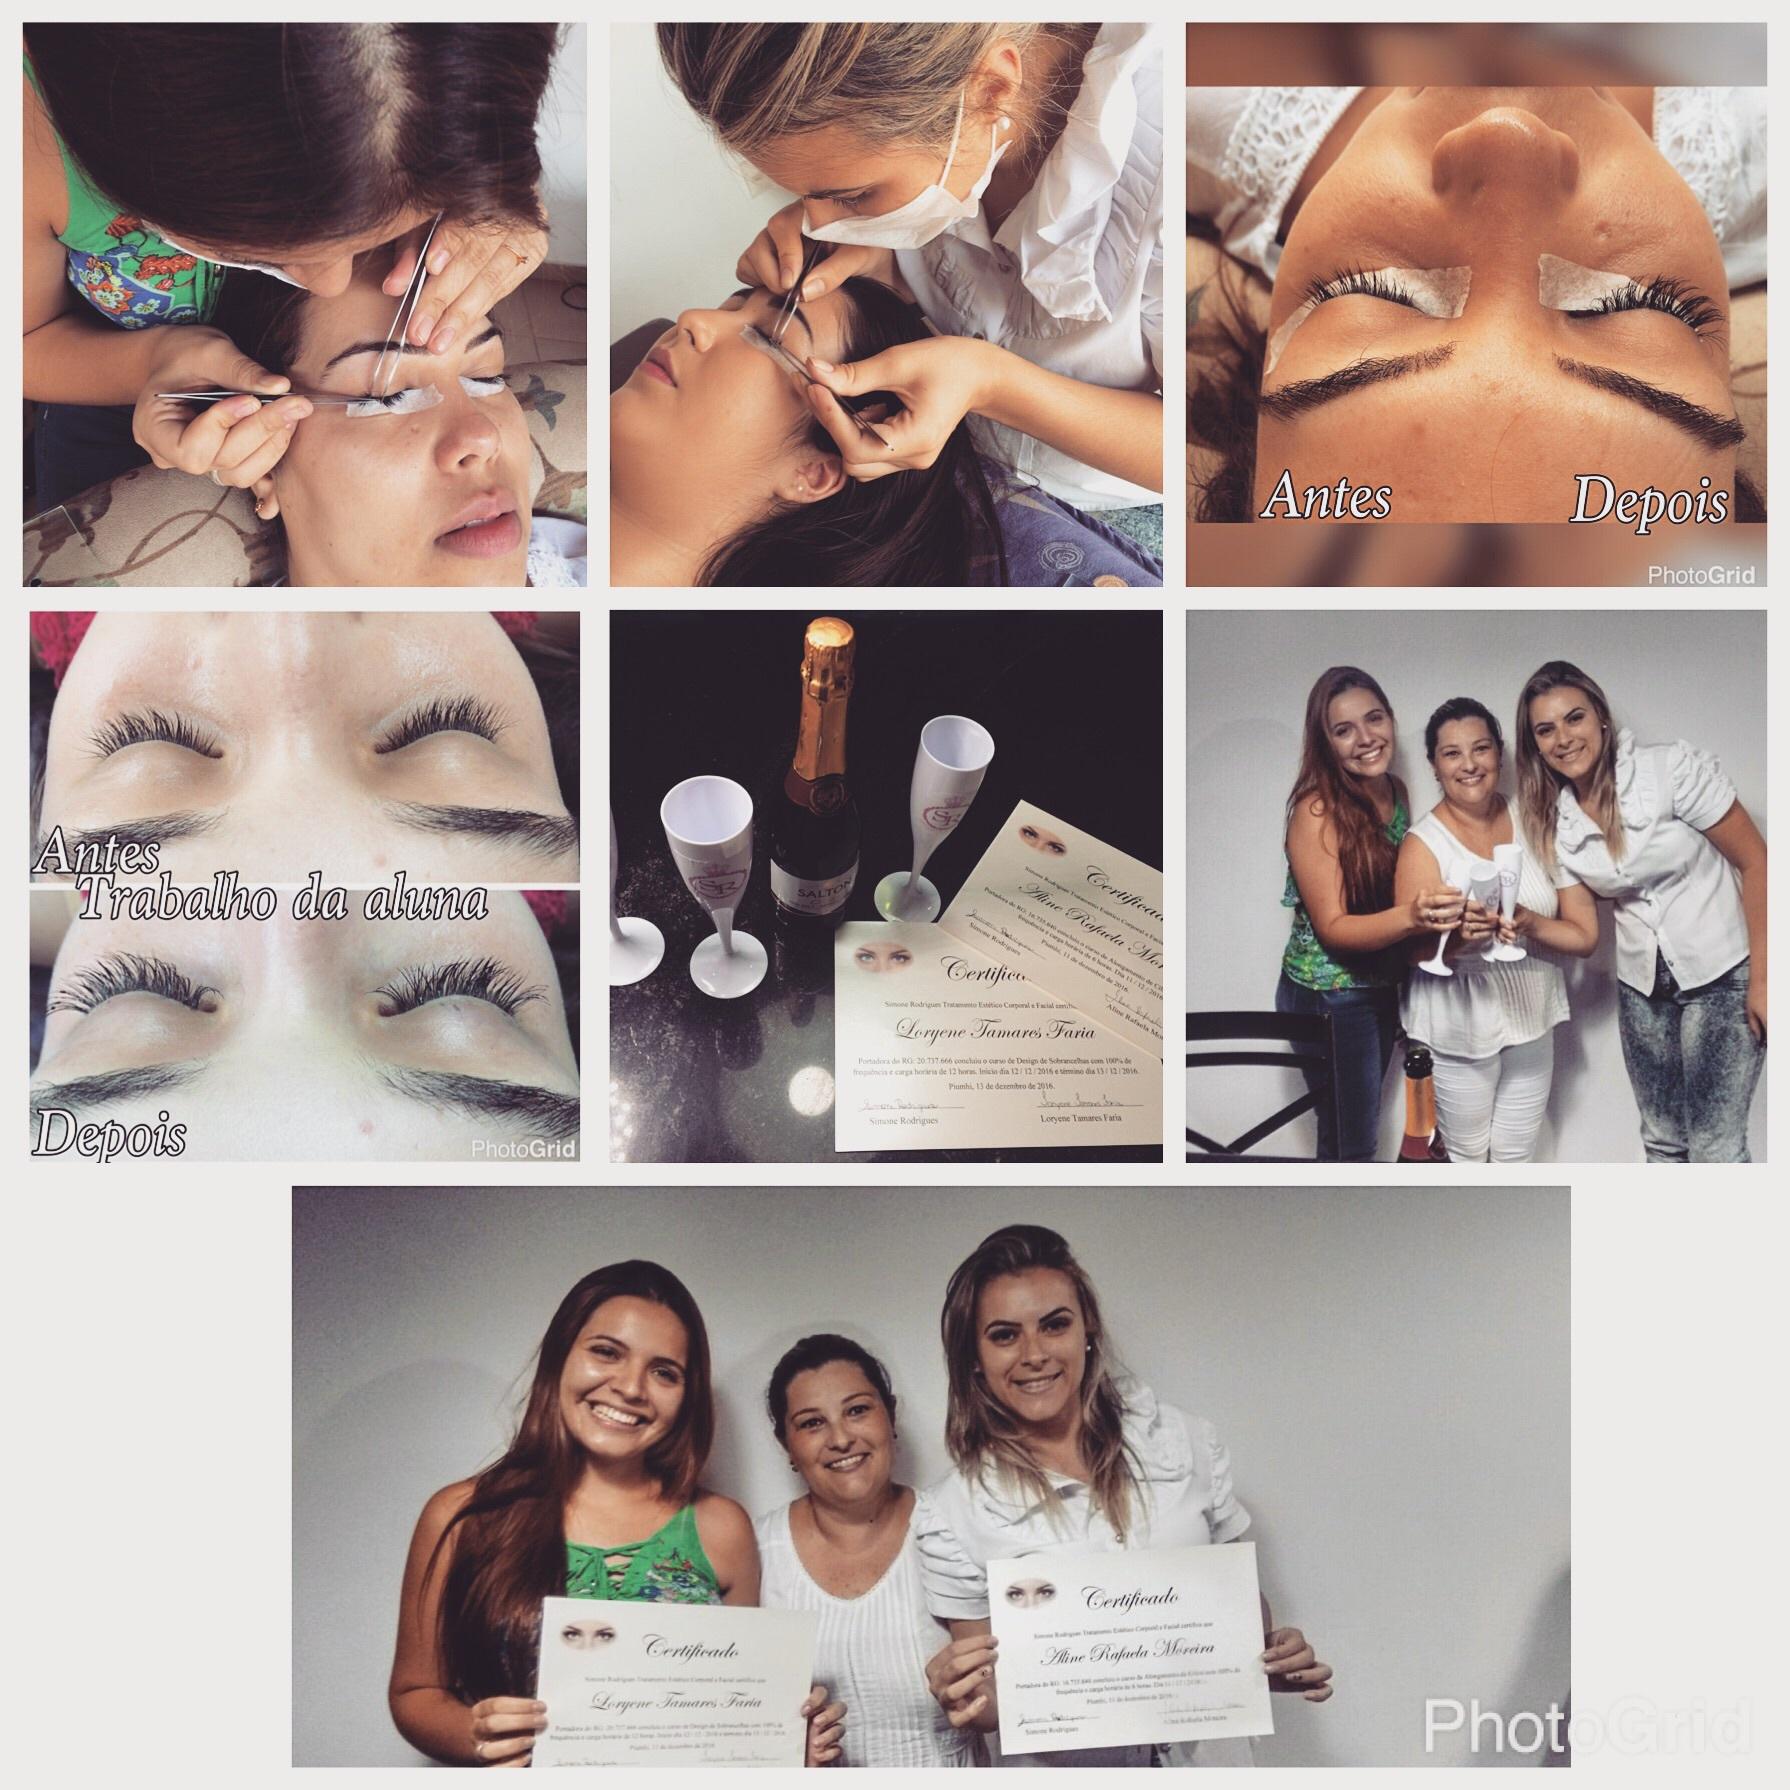 Curso de Alongamento de Cílios em Piumhi MG...👏🏻👏🏻👏🏻 #curso #alongamentodecilios outros designer de sobrancelhas esteticista depilador(a) micropigmentador(a)